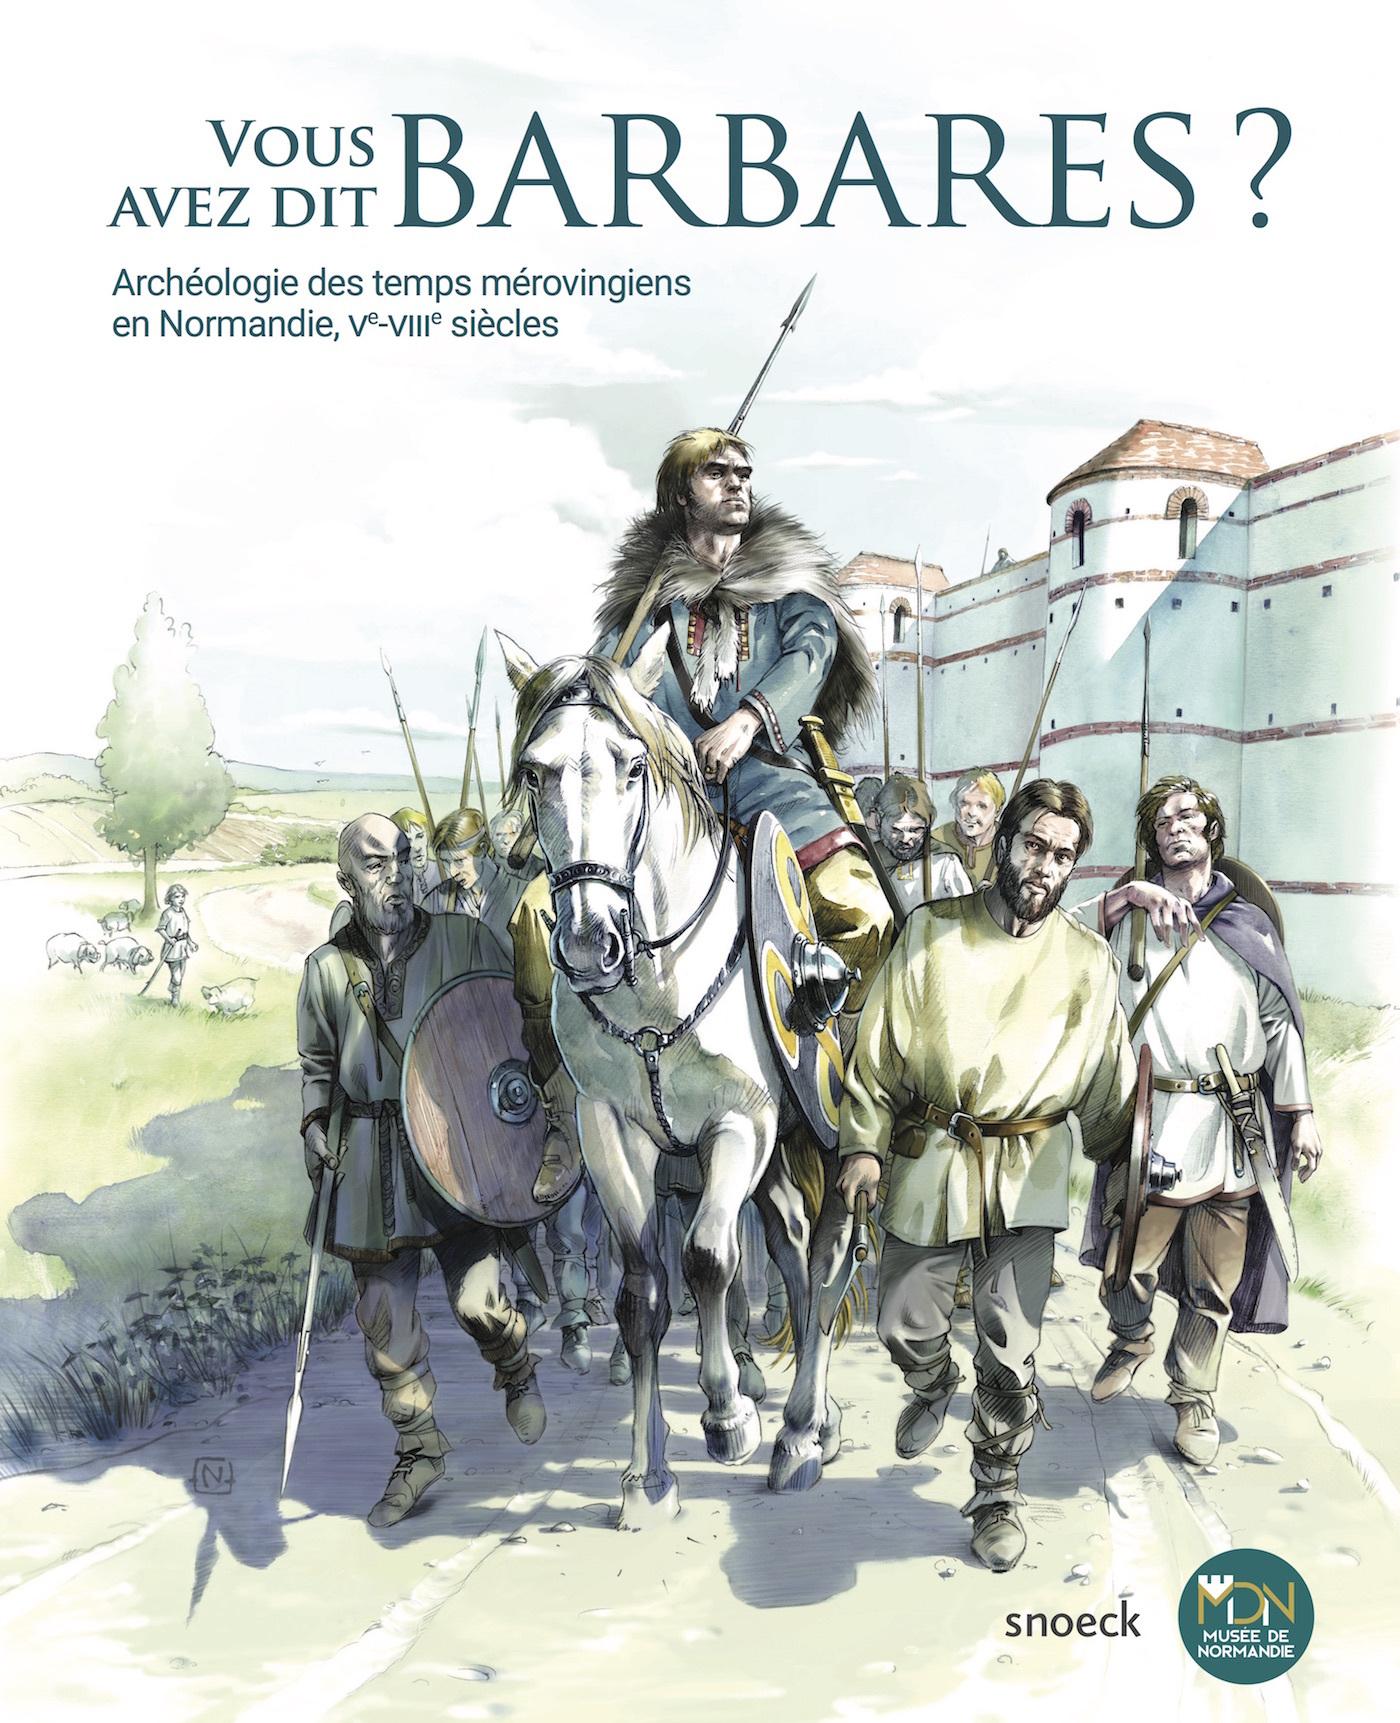 VOUS AVEZ DIT BARBARES ? ARCHEOLOGIE DES TEMPS MEROVINGIENS EN NORMANDIE